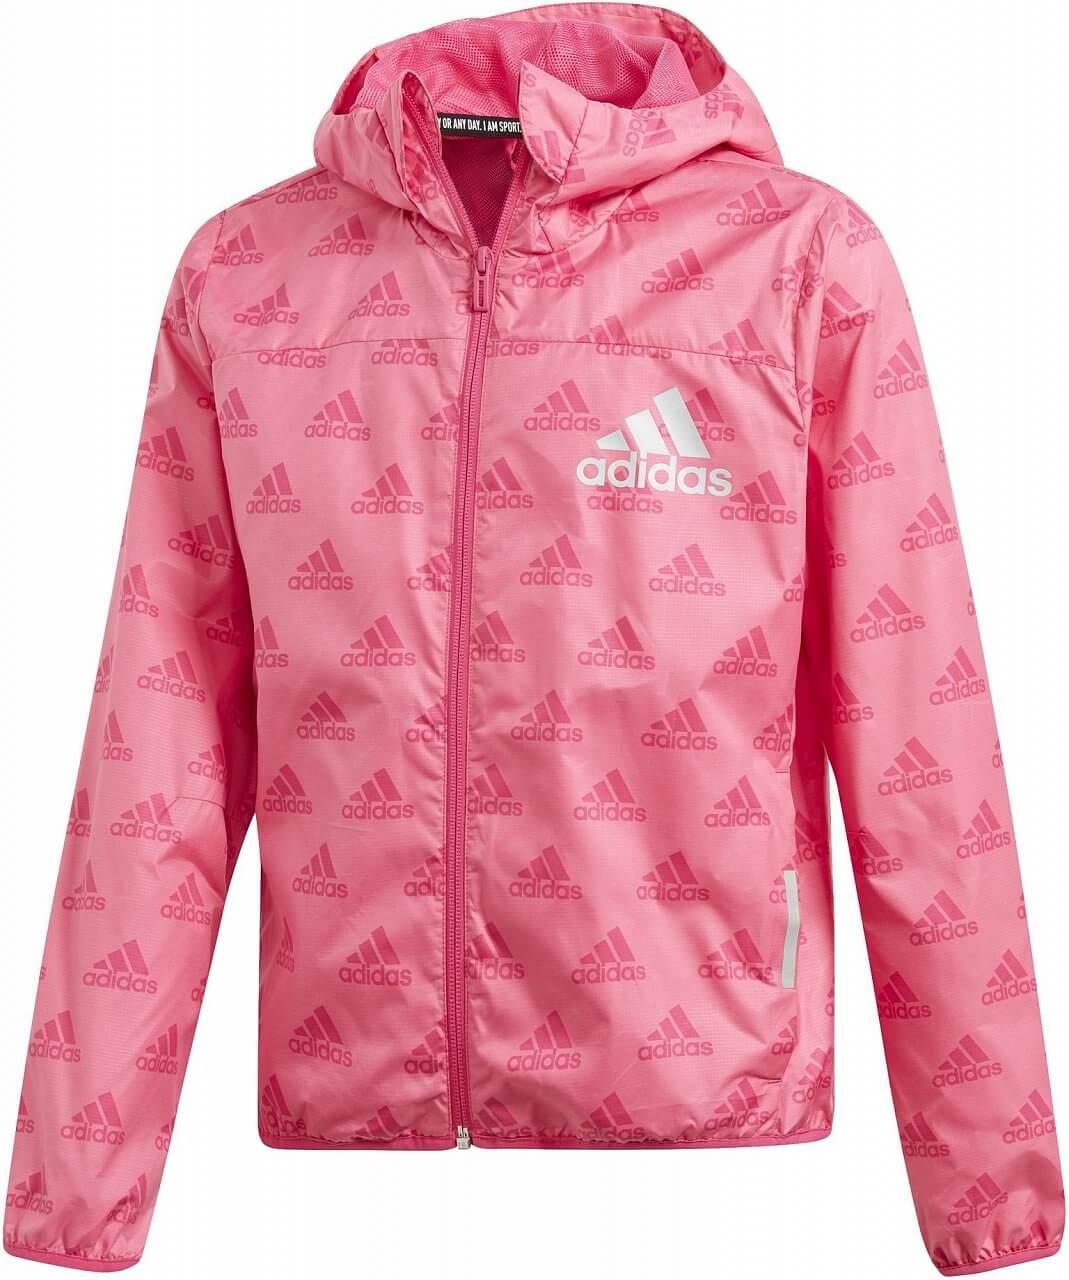 2a632a1bf83 adidas Youth Girls Must Haves Wind Jacket. Dívčí sportovní bunda